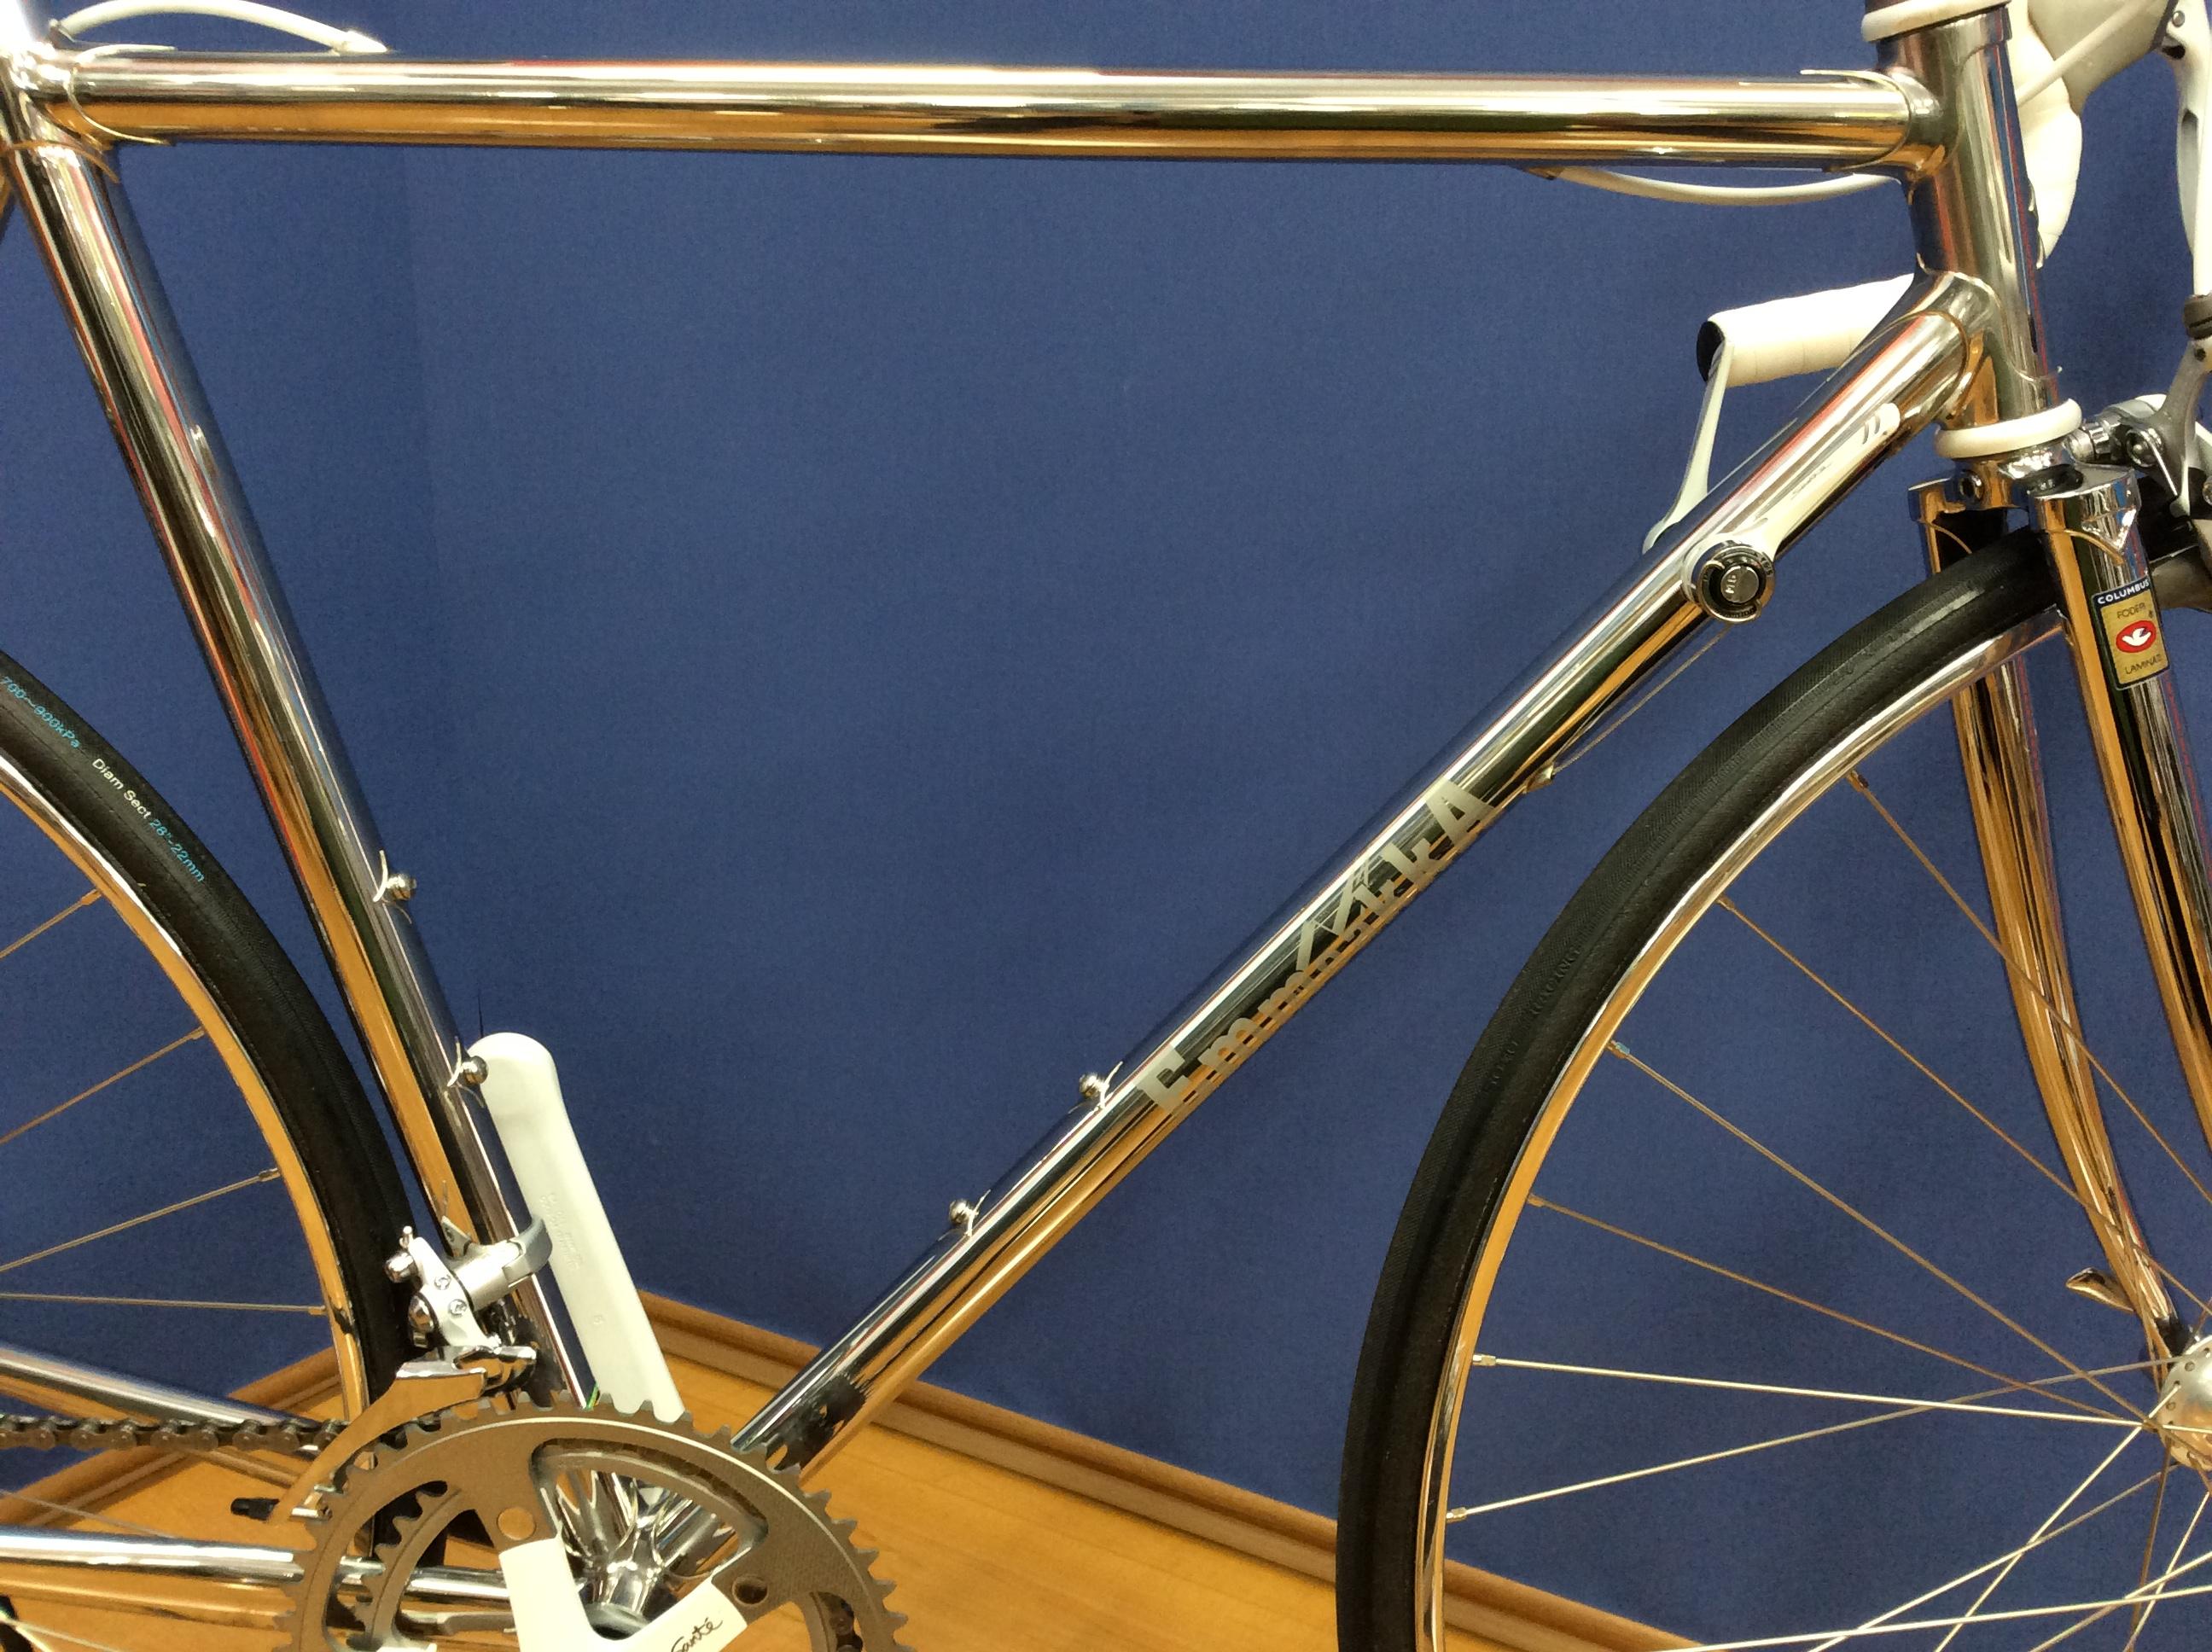 創業40周年特別企画❗️フルオーダーメイド自転車展示中‼️